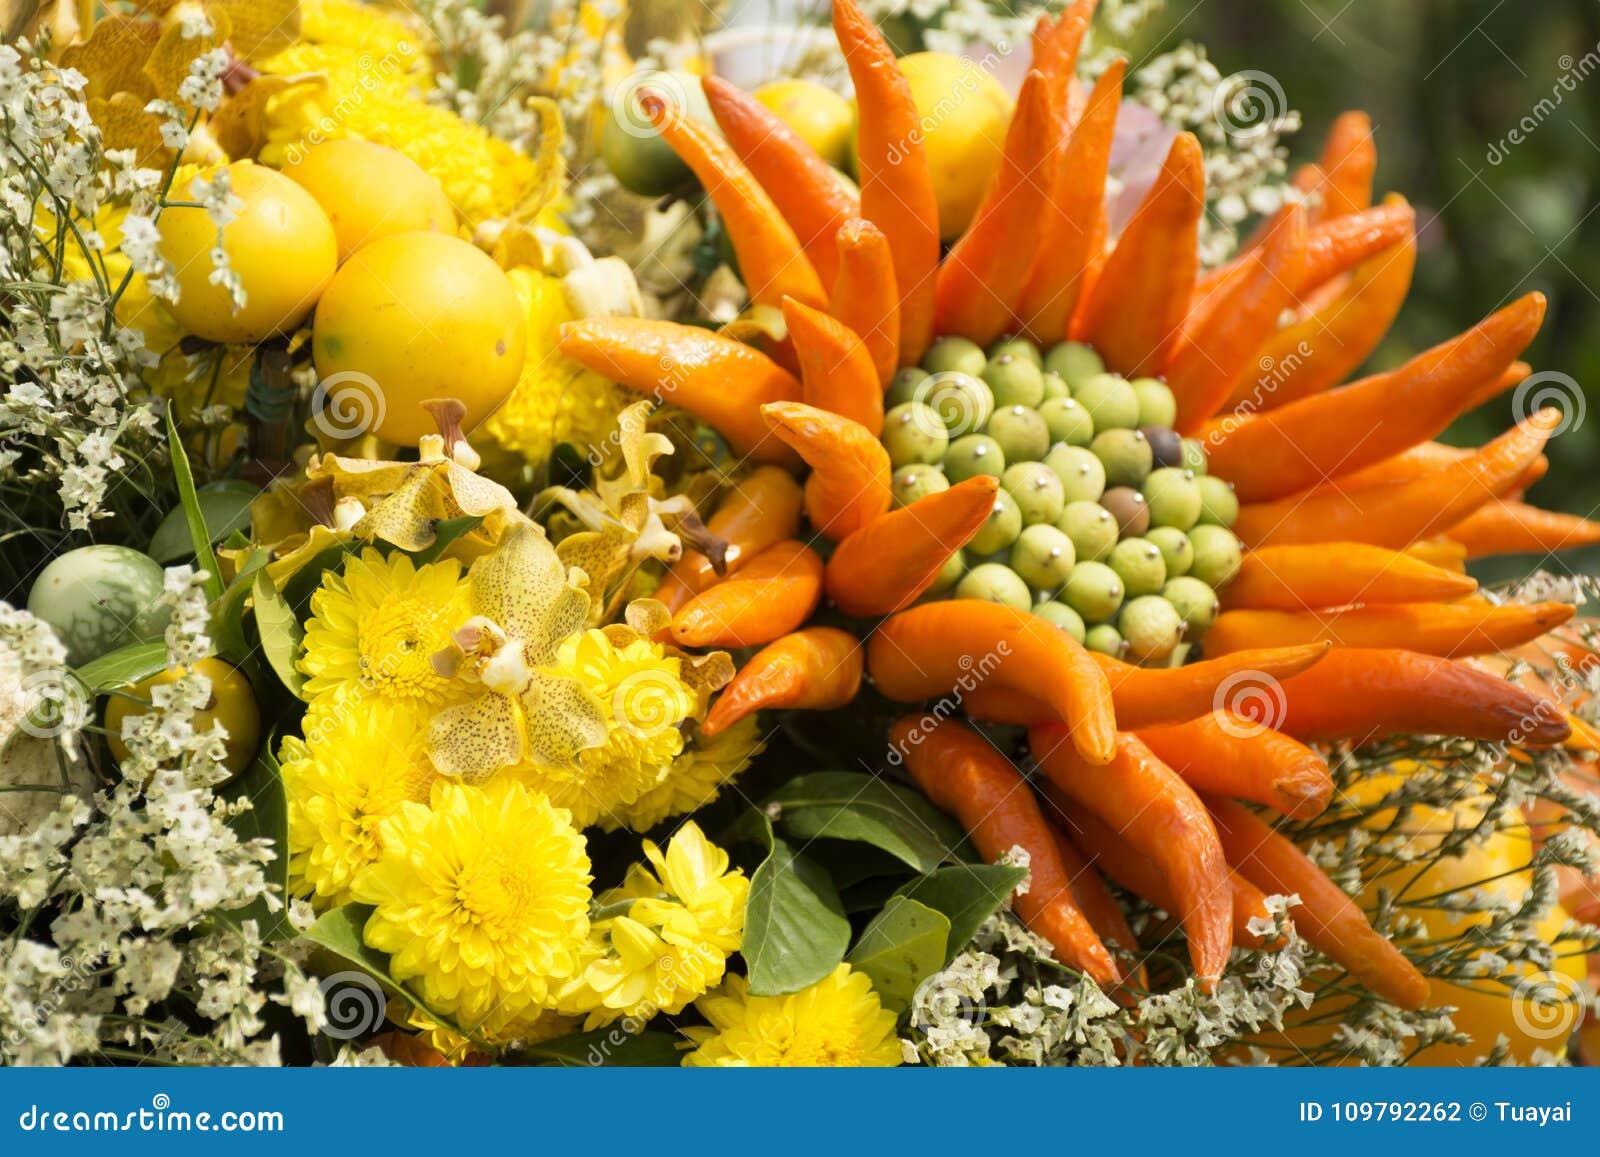 Decoración Hecha De Las Frutas Y Verduras Y De Las Flores